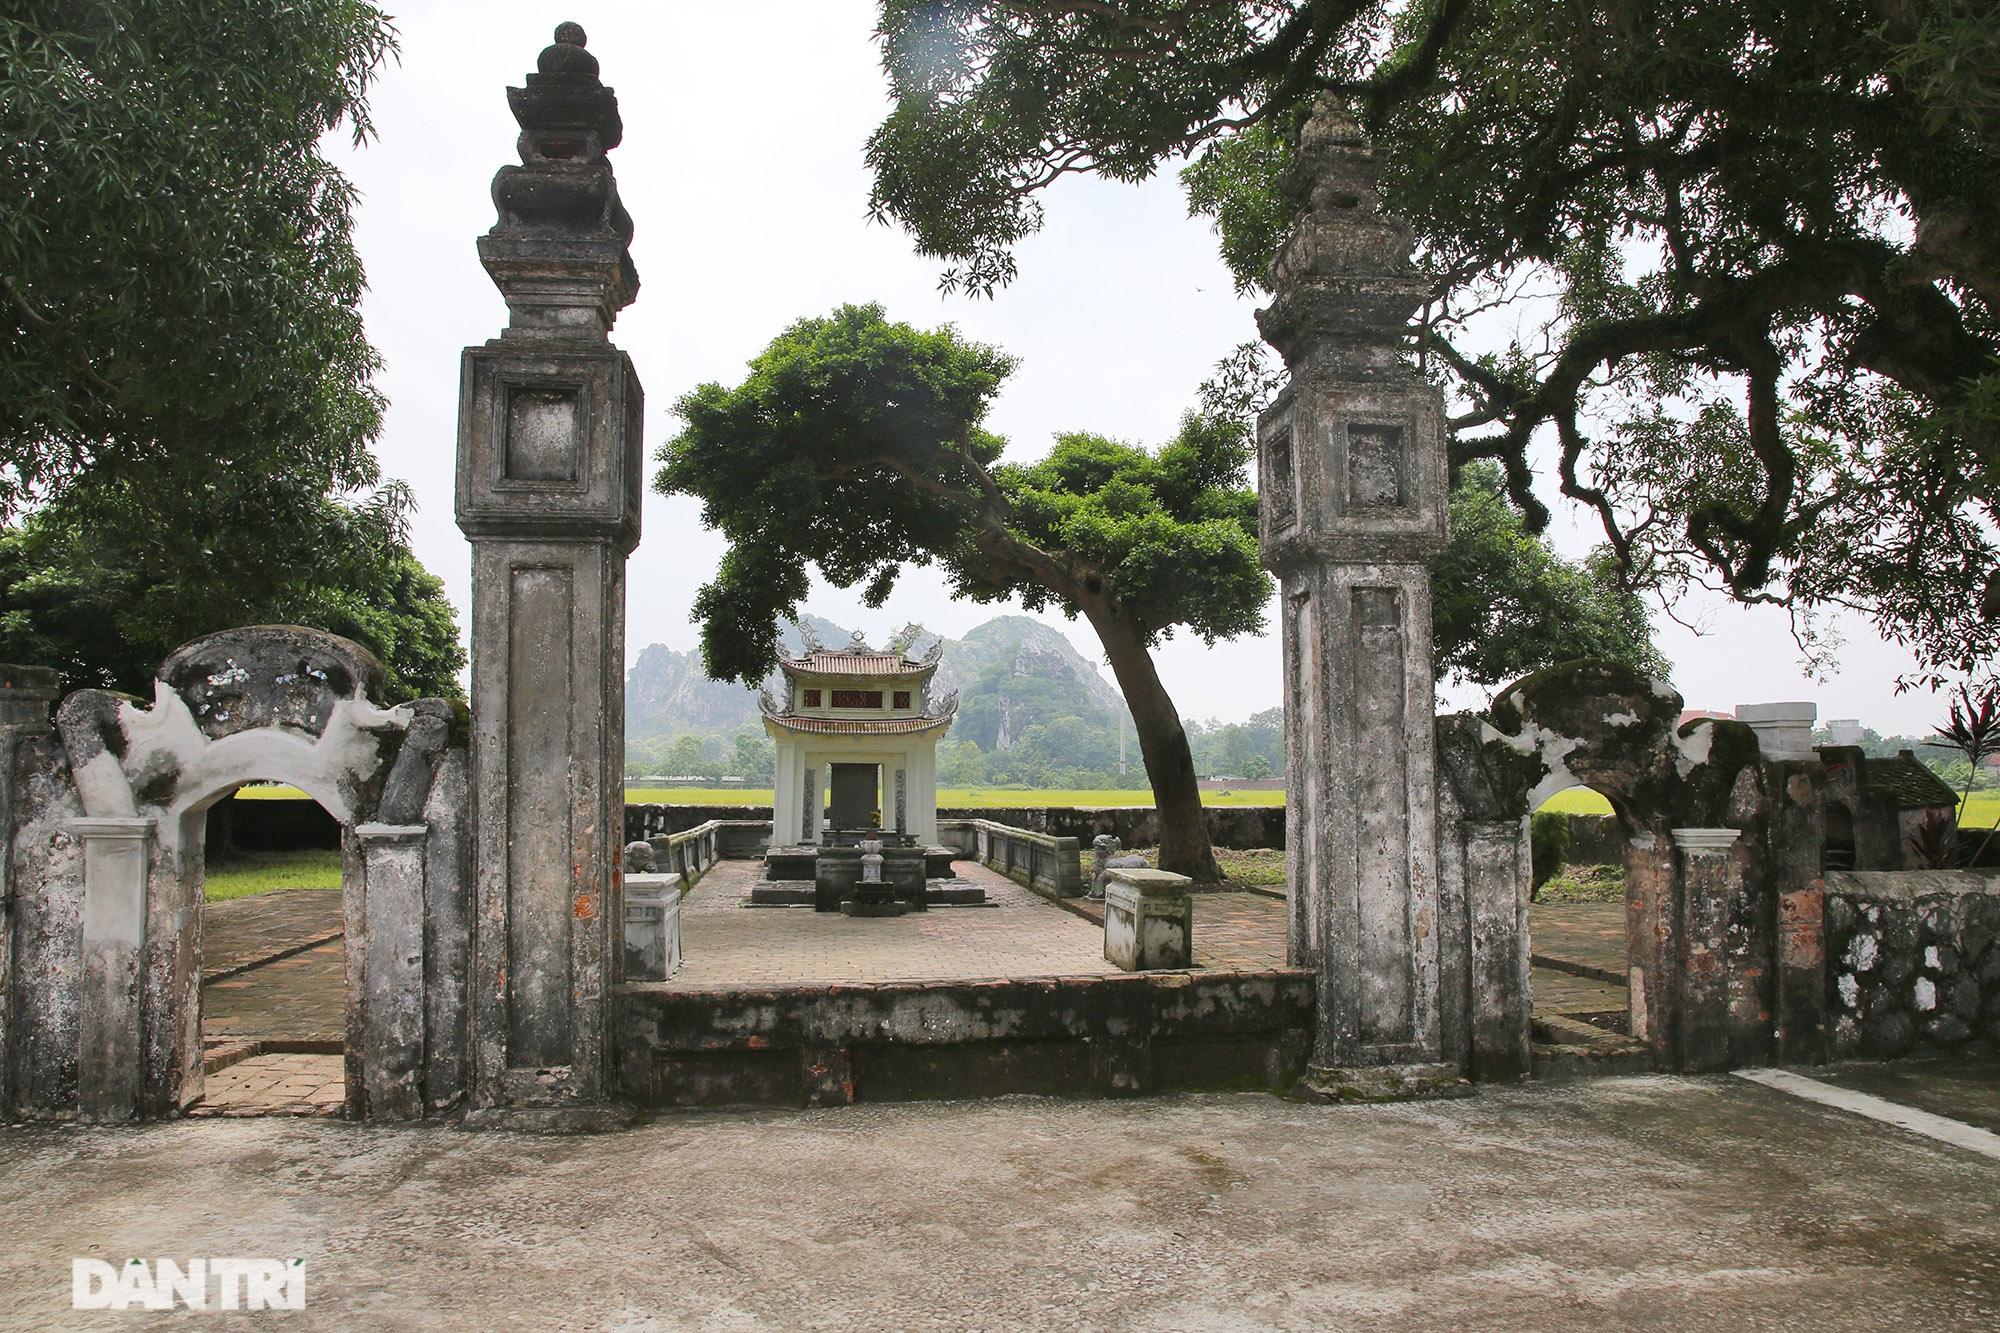 Huyền tích nghìn đời qua những ngôi quán cổ ở Hà Nội - 12